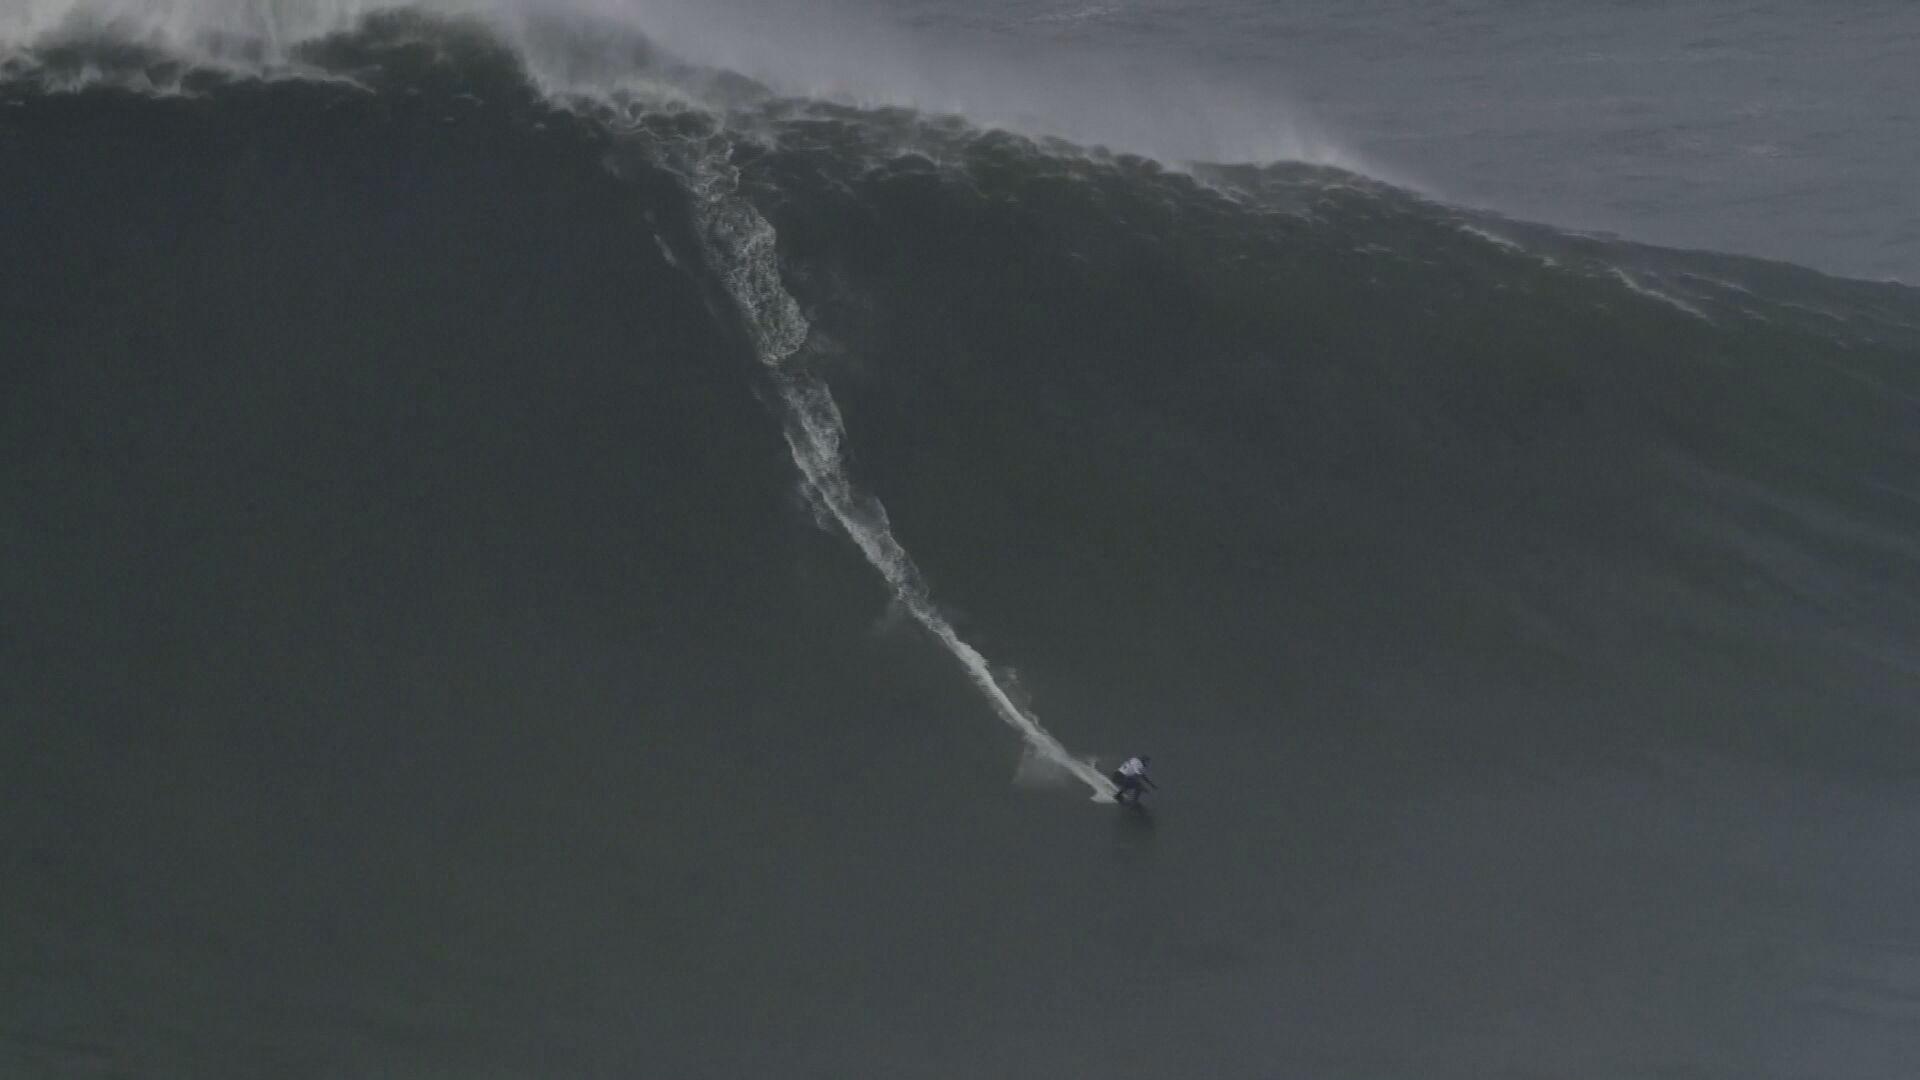 Maya Gabeira pega onda de 22,4 metros durante competição em Nazaré, em Portugal